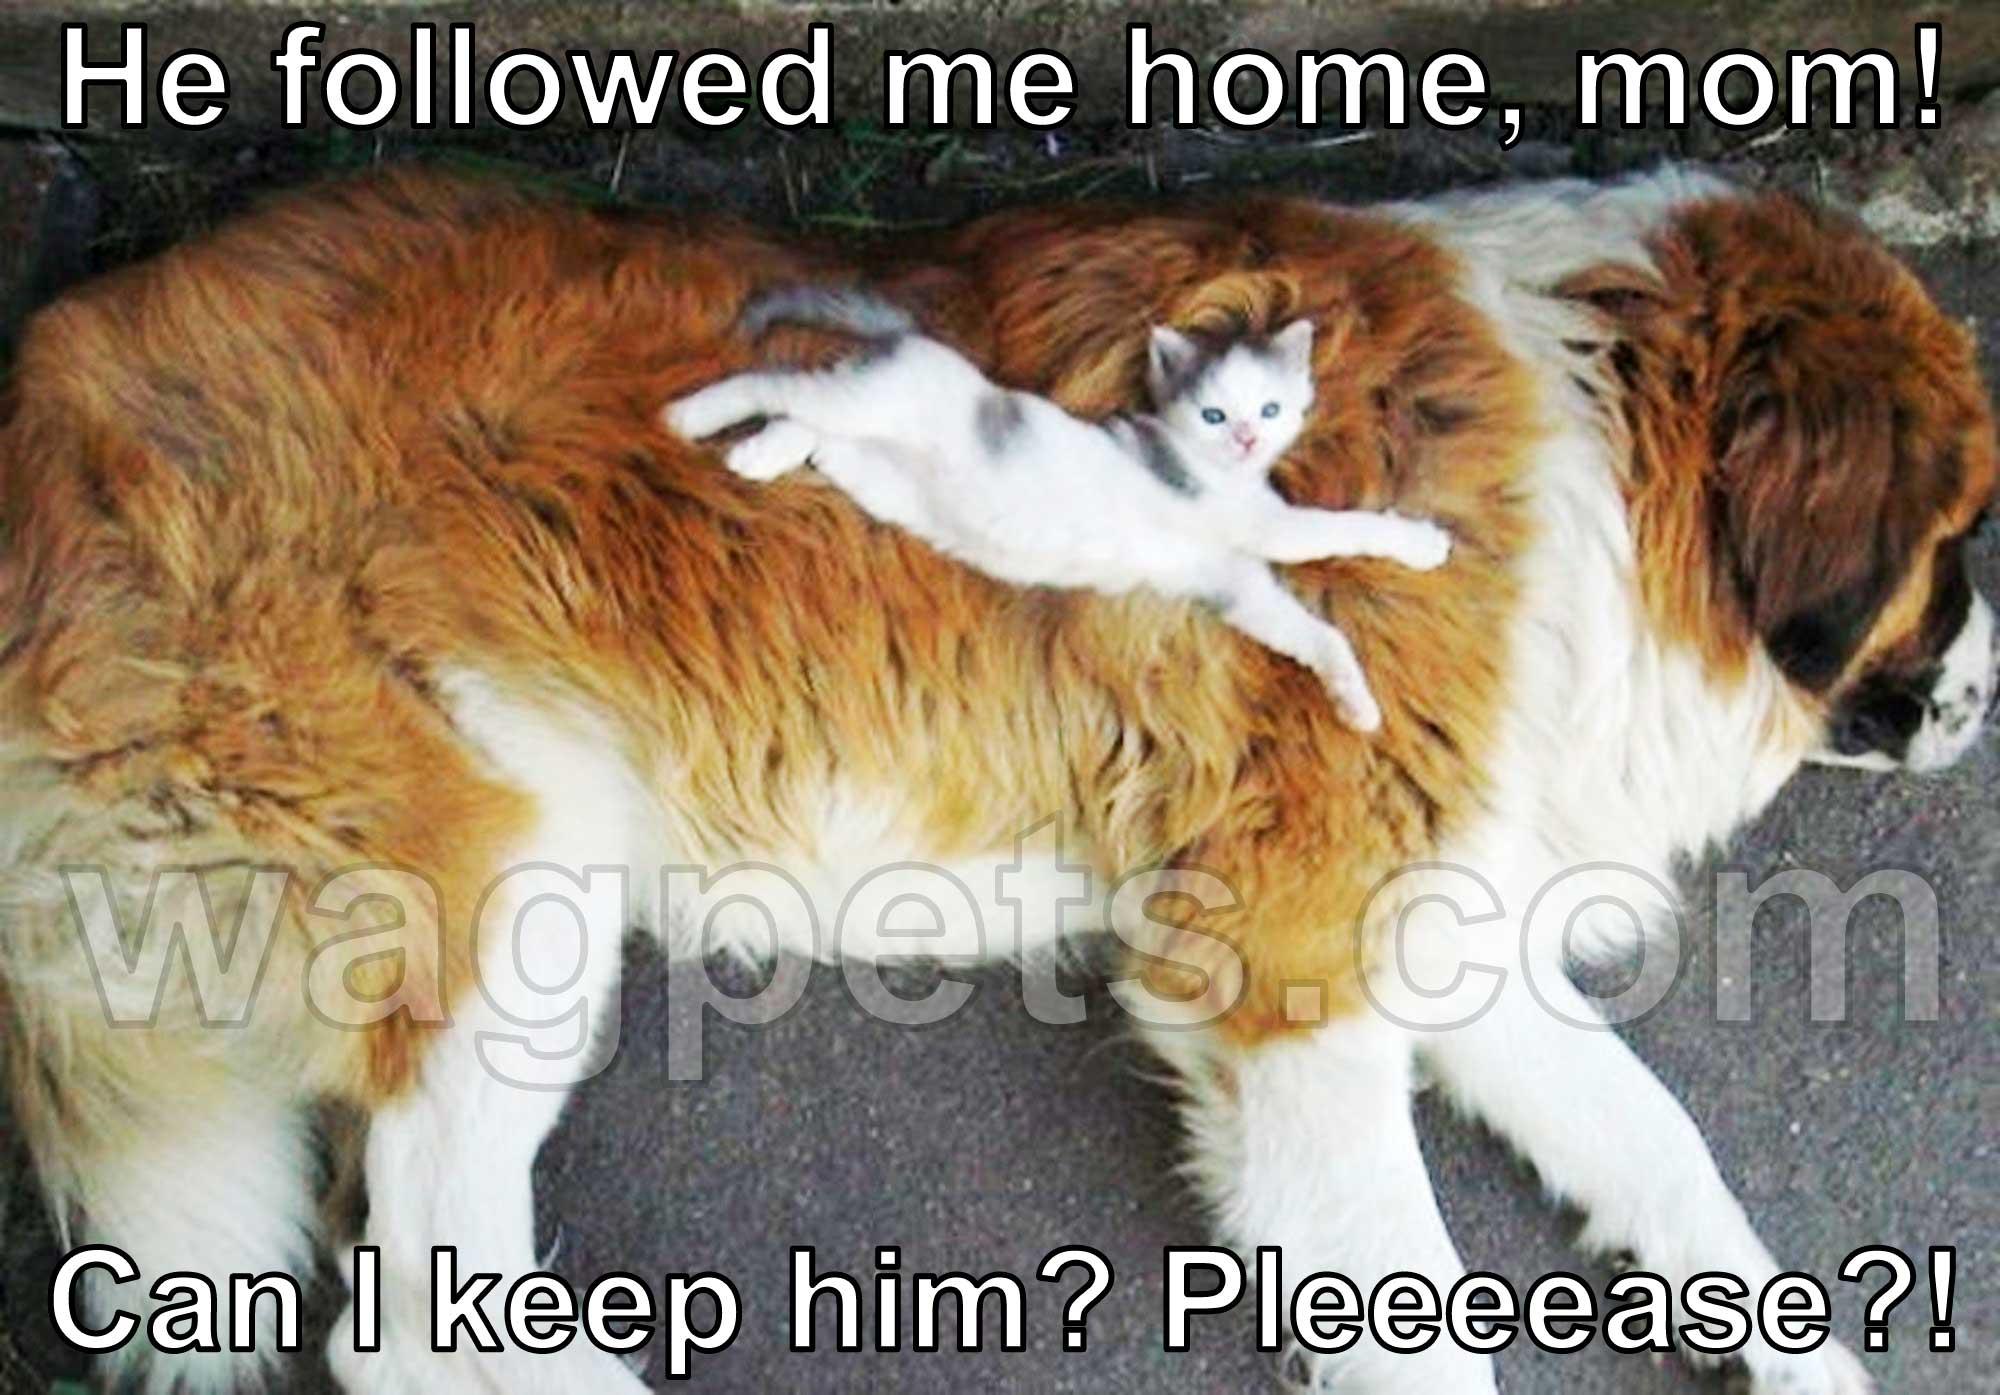 He followed me home, mom! Can I keep him? Pleeeease?!